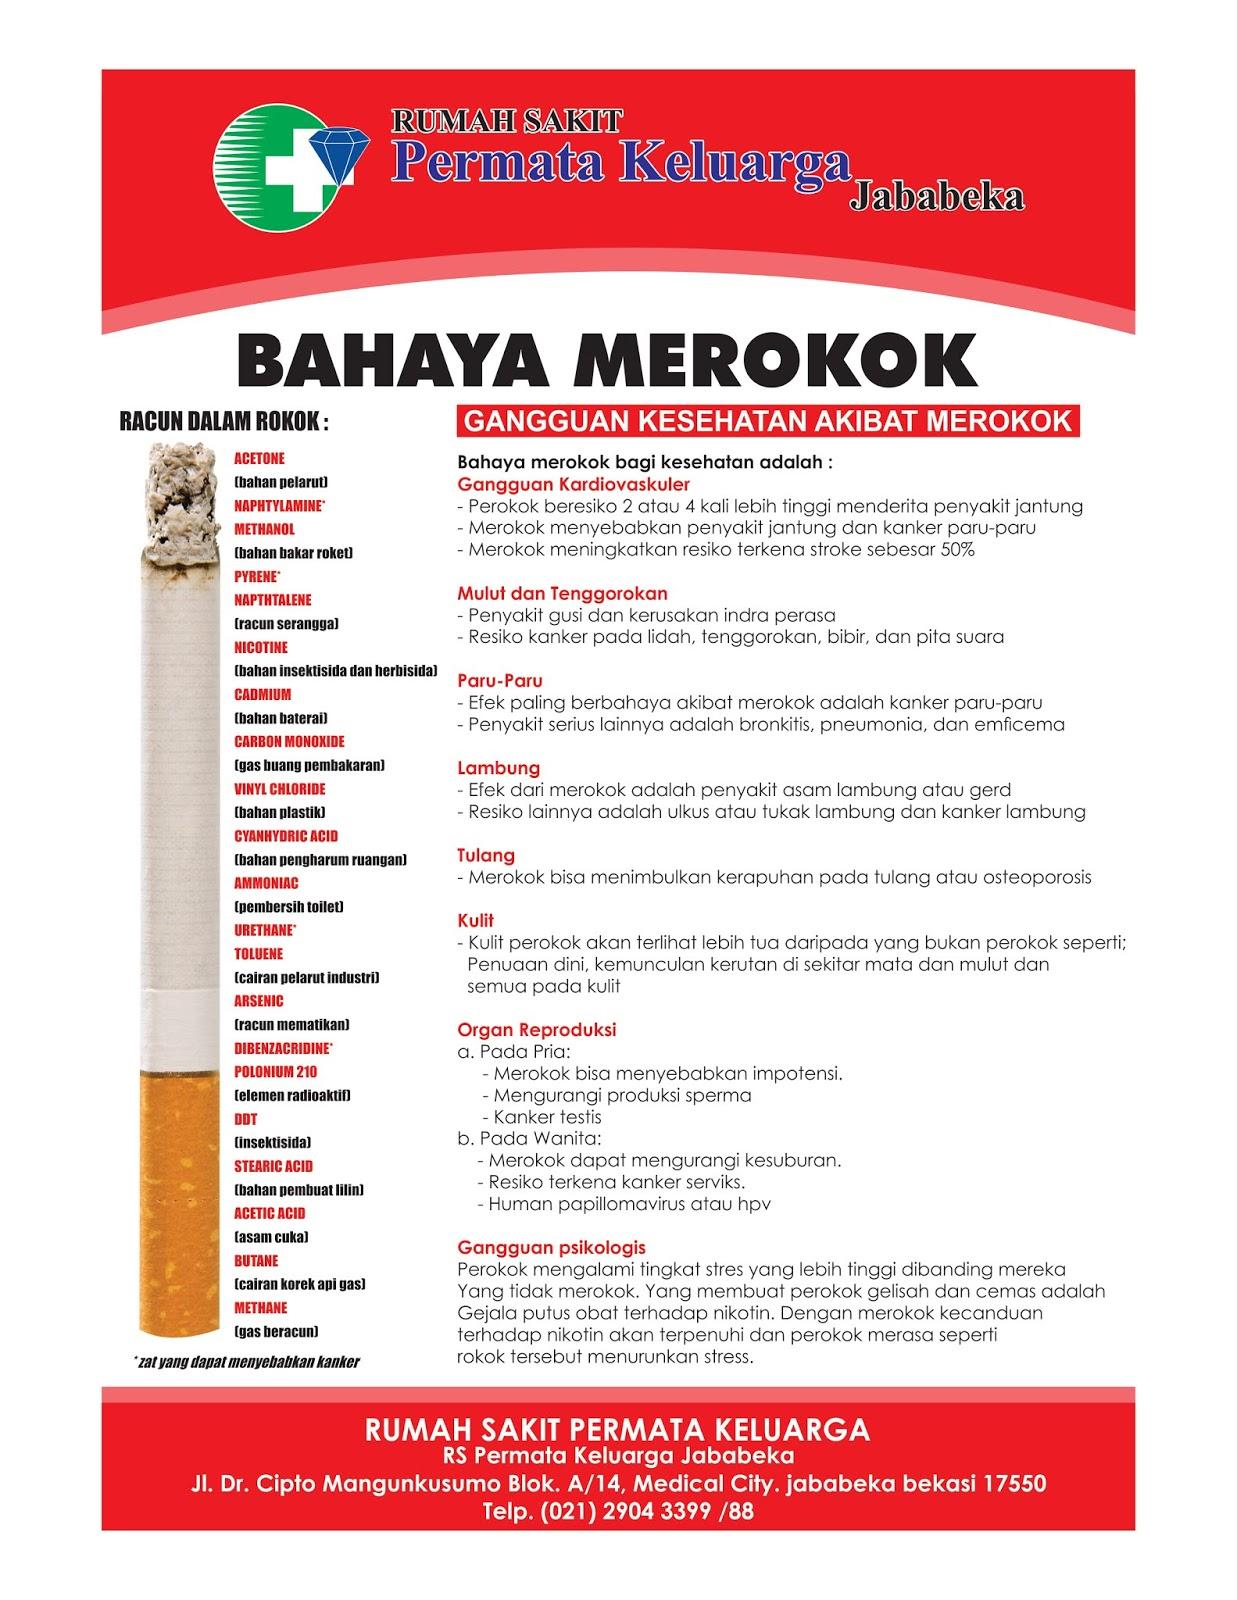 Poster Bahaya Merokok Agen87